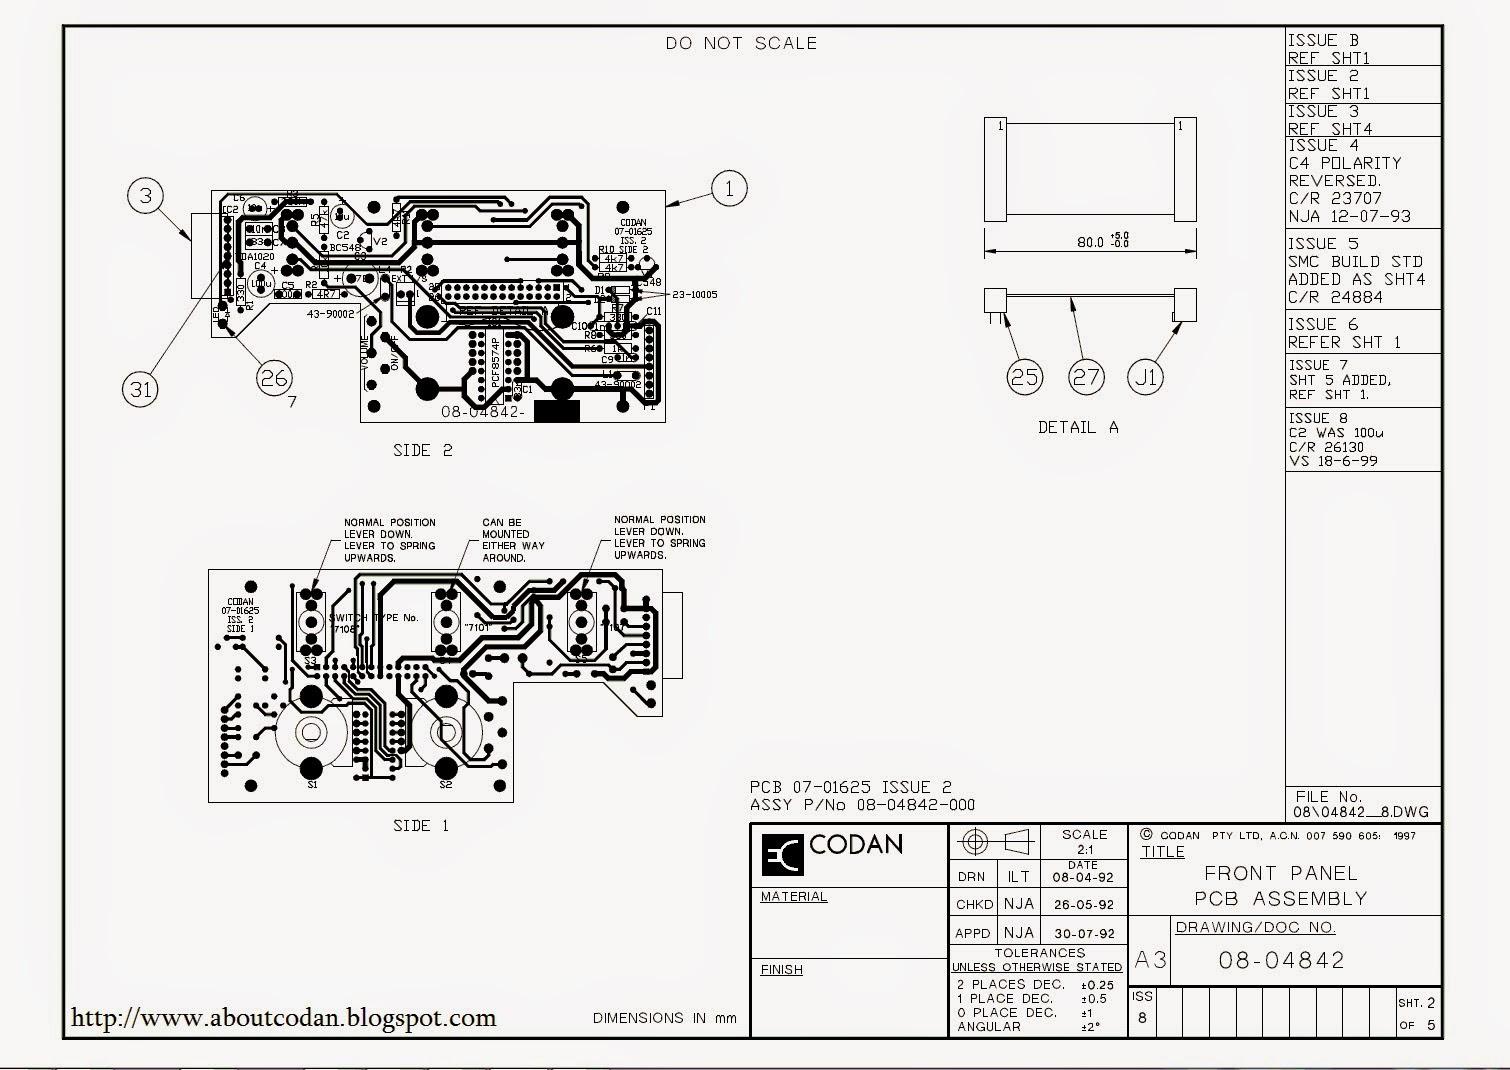 Schematic X2 – The Wiring Diagram